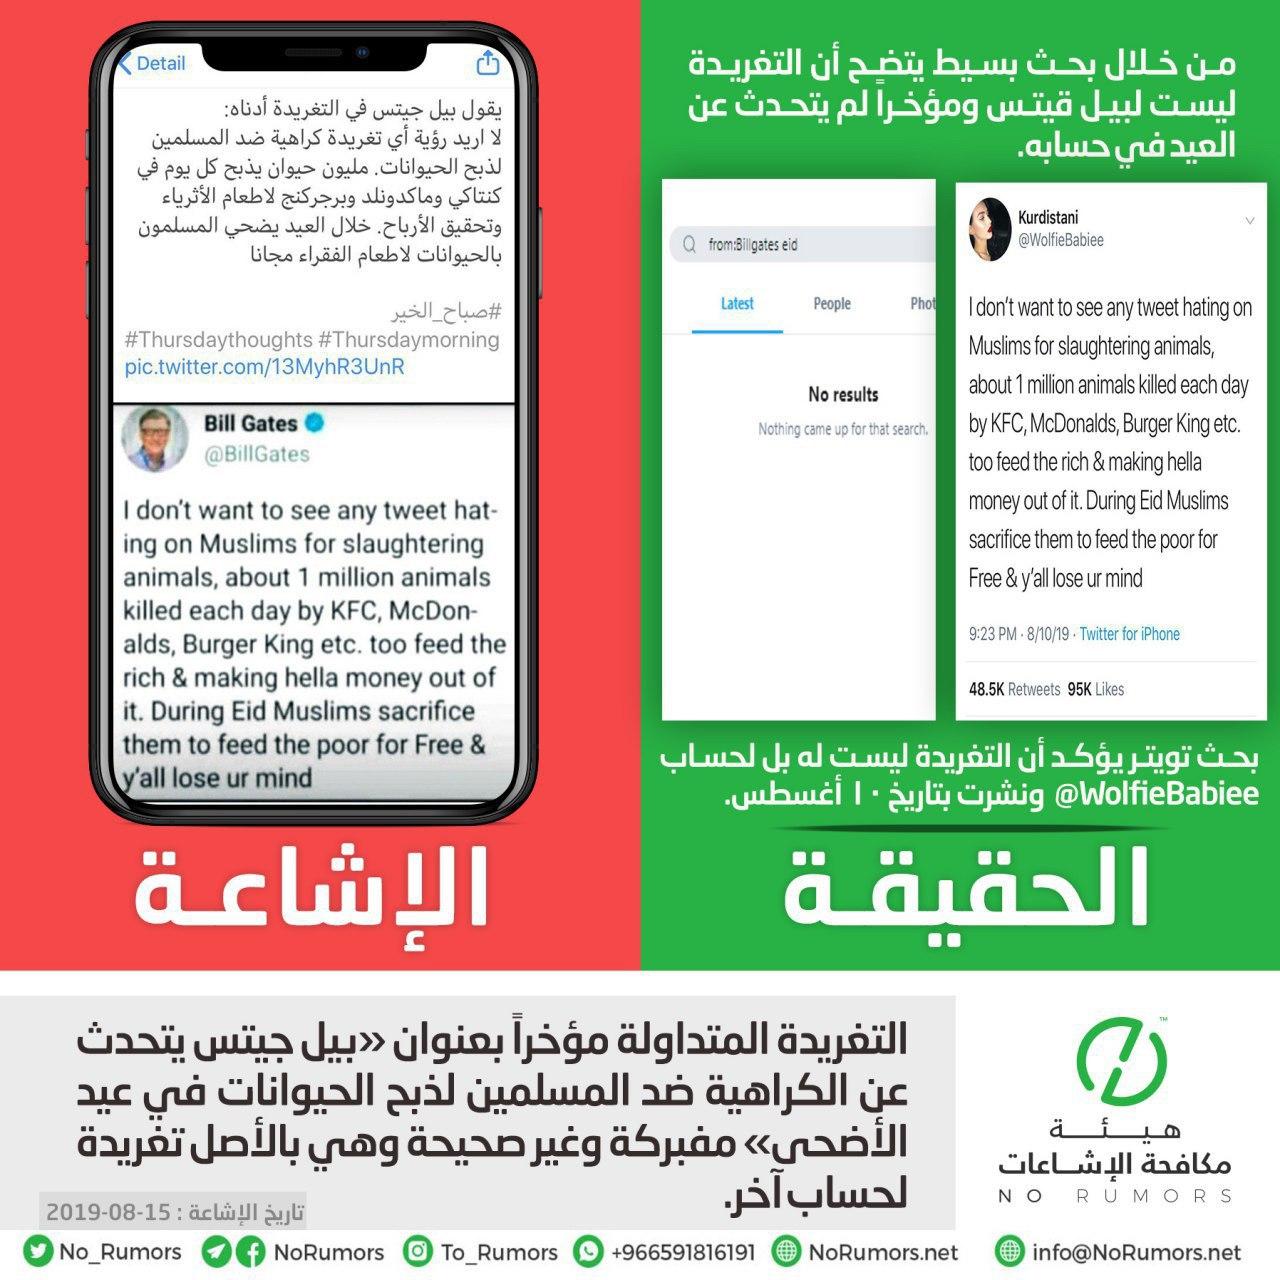 ماهي حقيقة التغريدة المتداولة مجدداً بعنوان «بيل جيتس يتحدث عن الكراهية ضد المسلمين لذبح الحيوانات في عيد الأضحى»